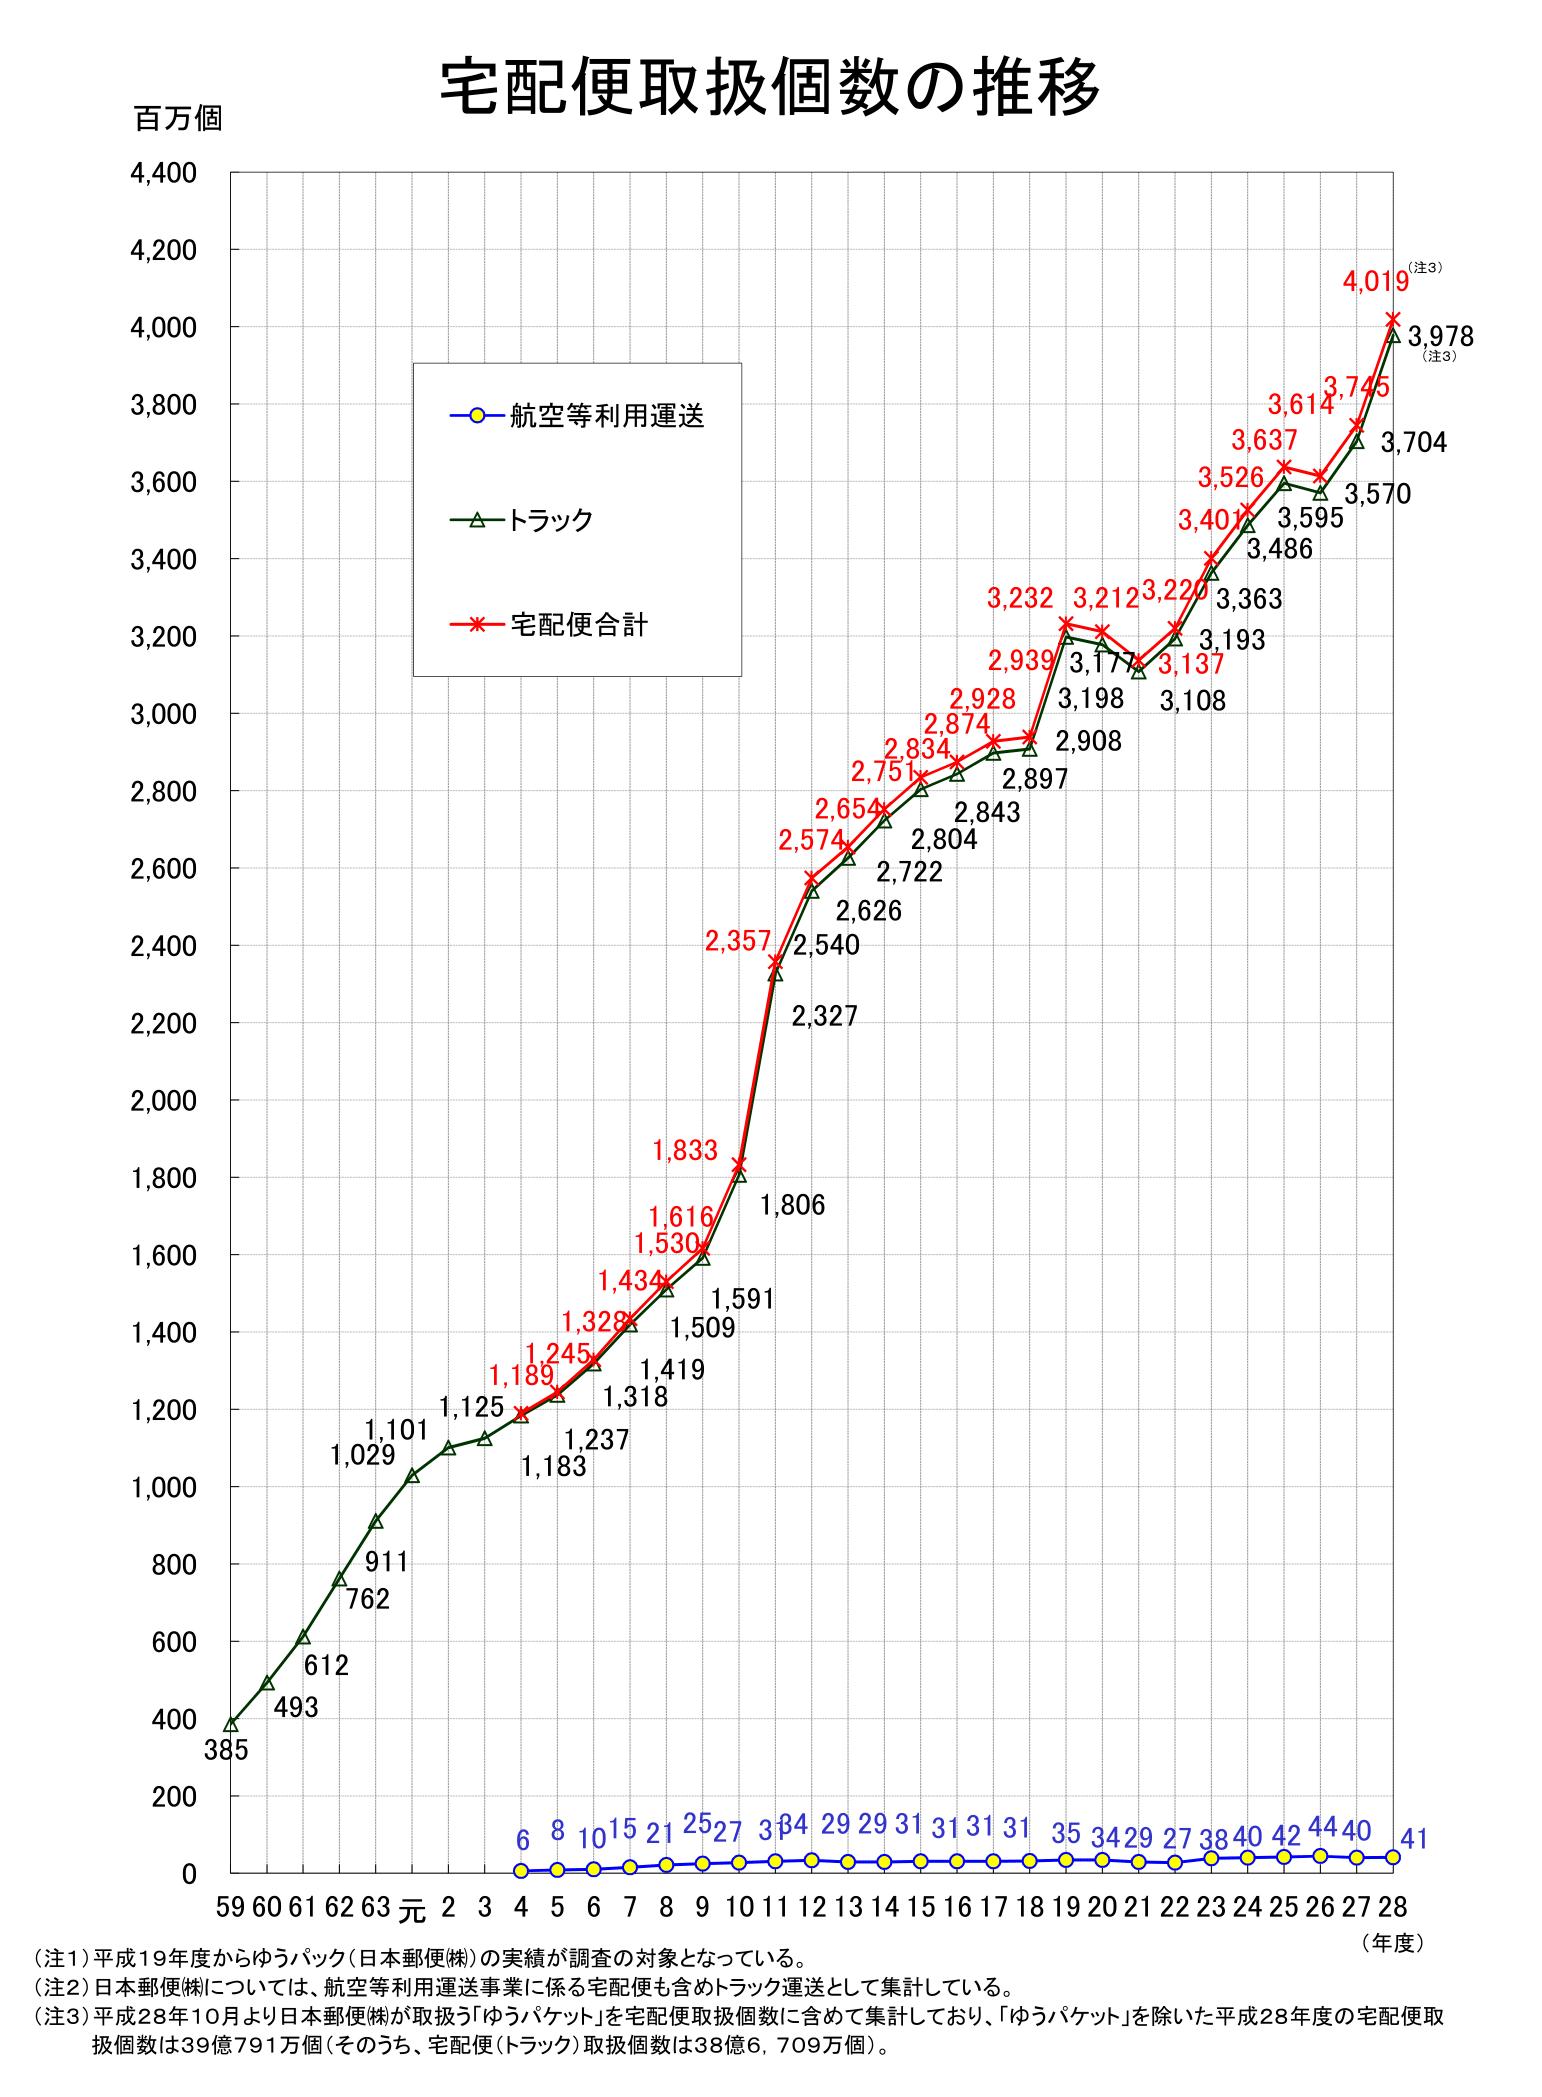 宅配便取扱個数の推移